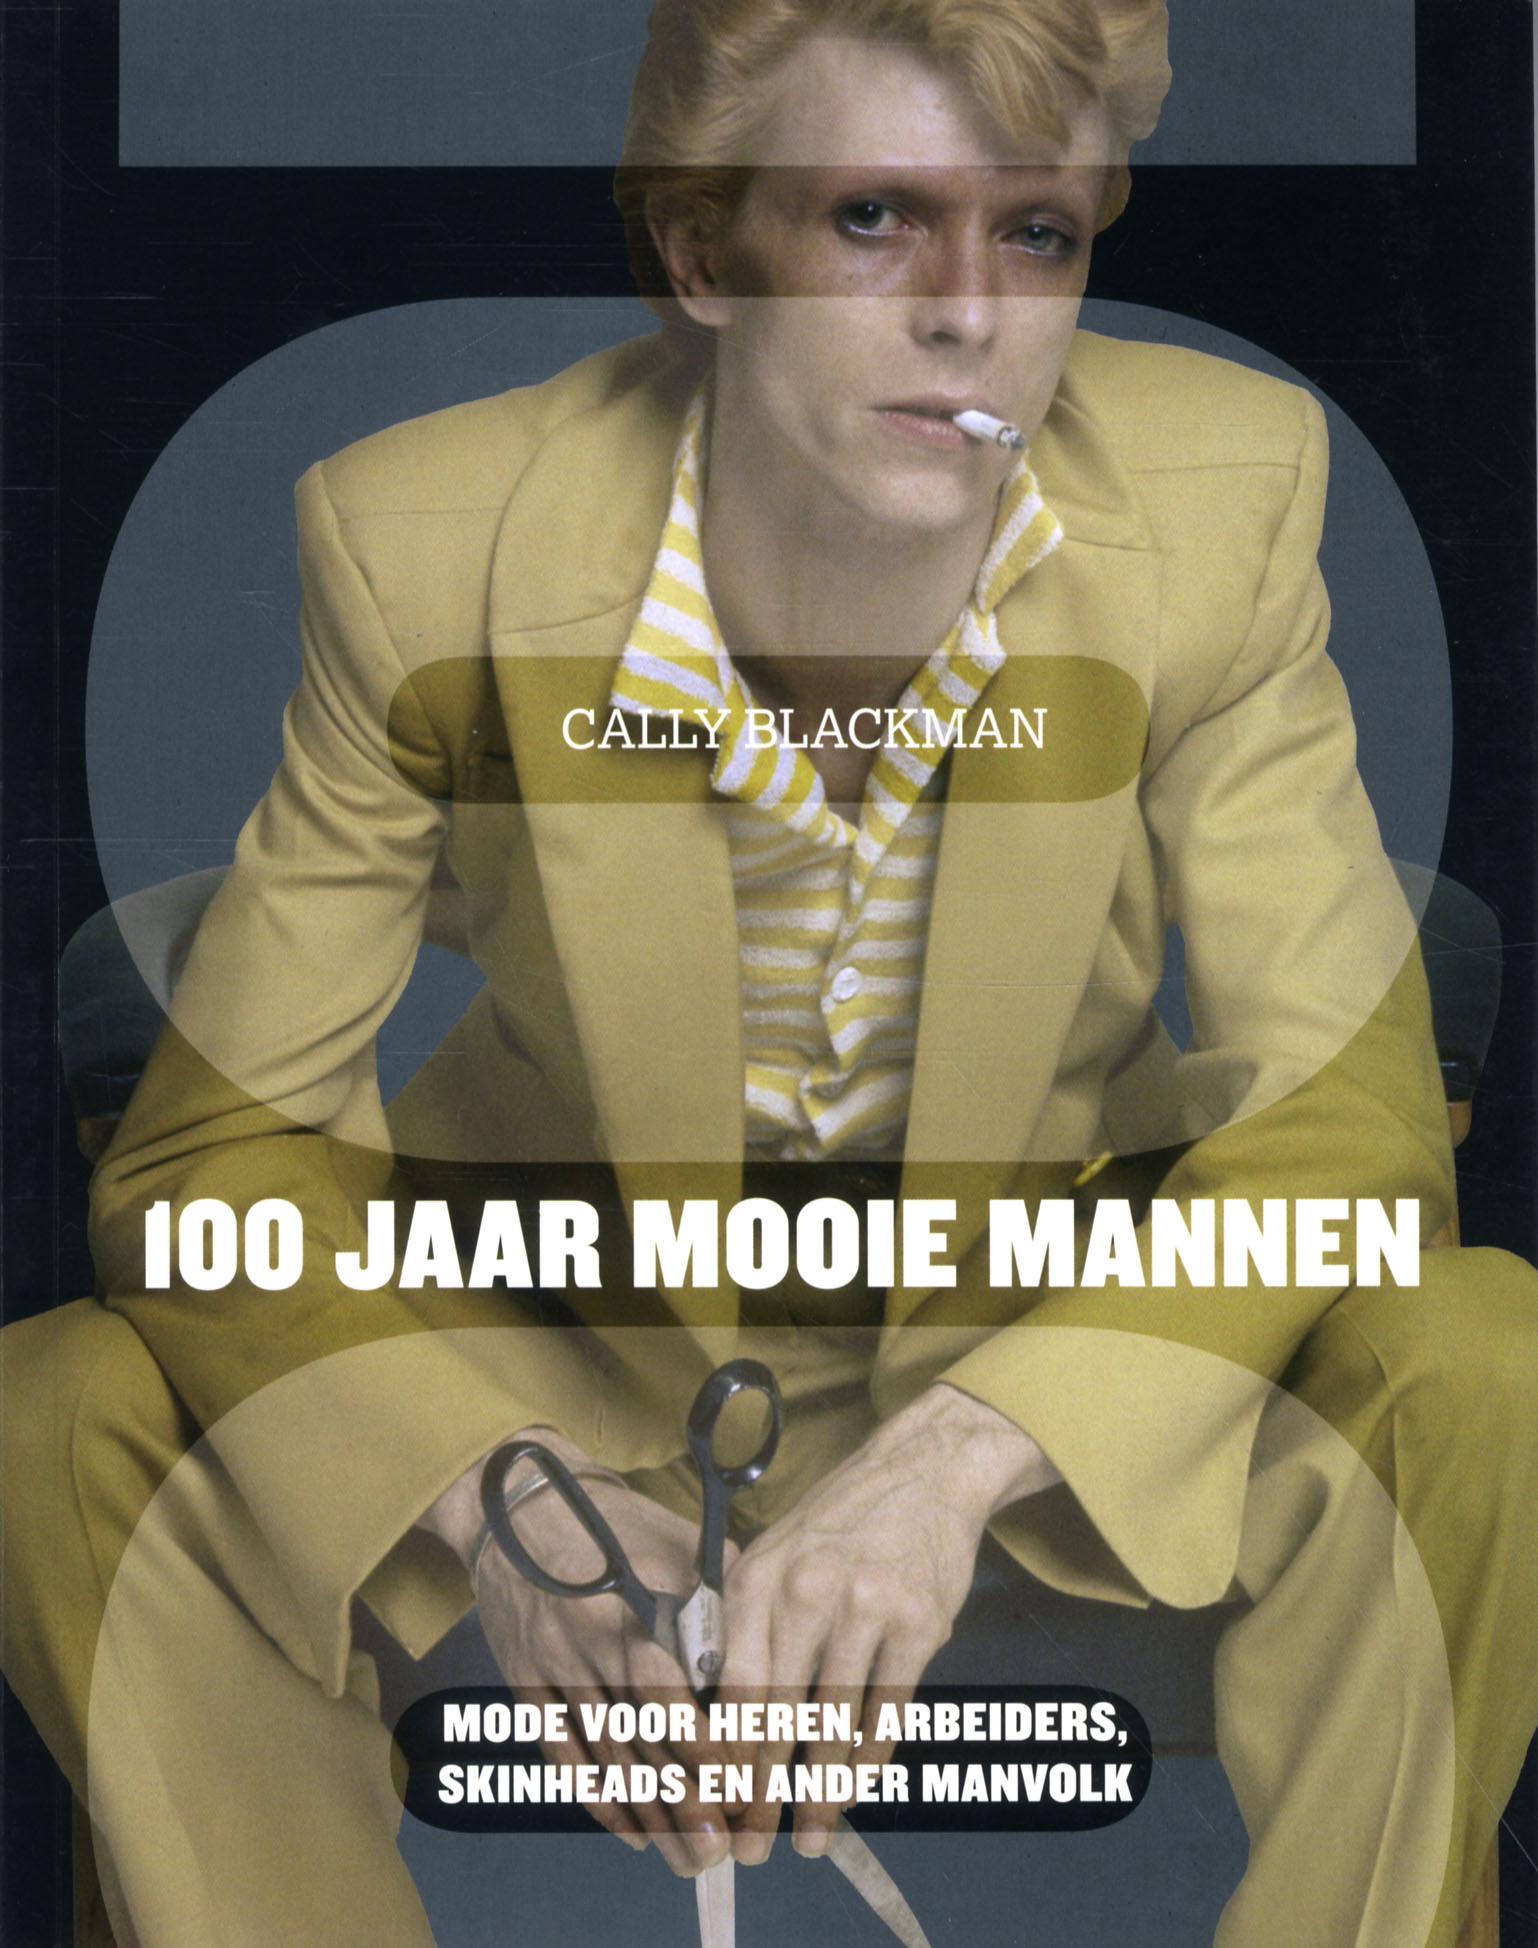 100 jaar mooie mannen